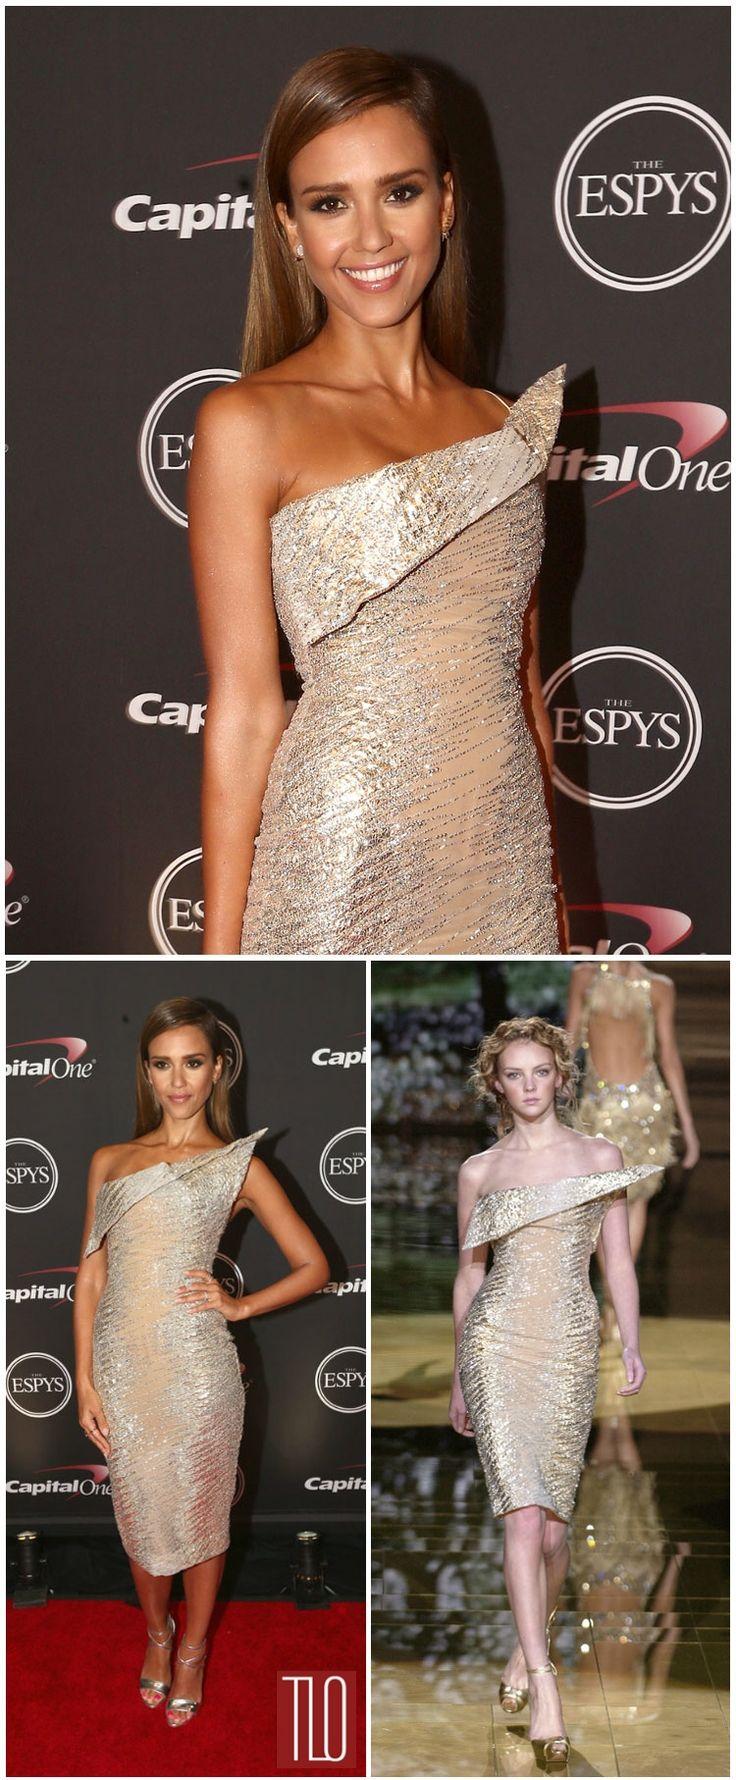 Jessica-Alba-Elie-Saab-Couture-2014-ESPY-Awards-Red-Carpet-Tom-Lorenzo-Site-TLO (1)